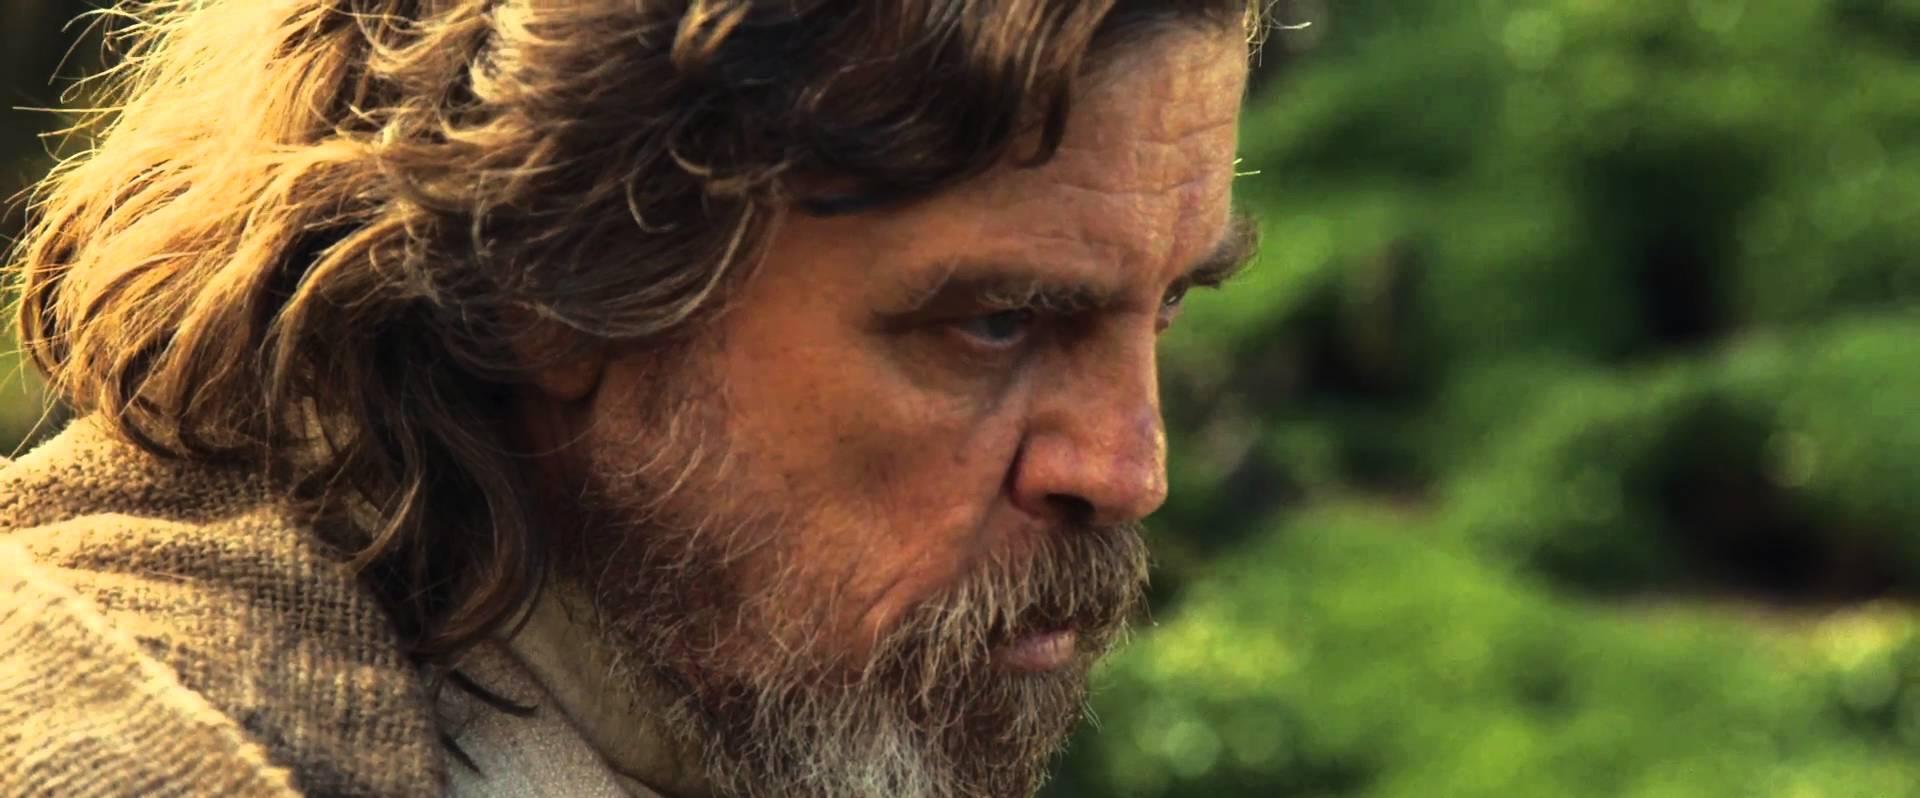 Star Wars: Episode VIII Teaser Debuts As Production Begins 3